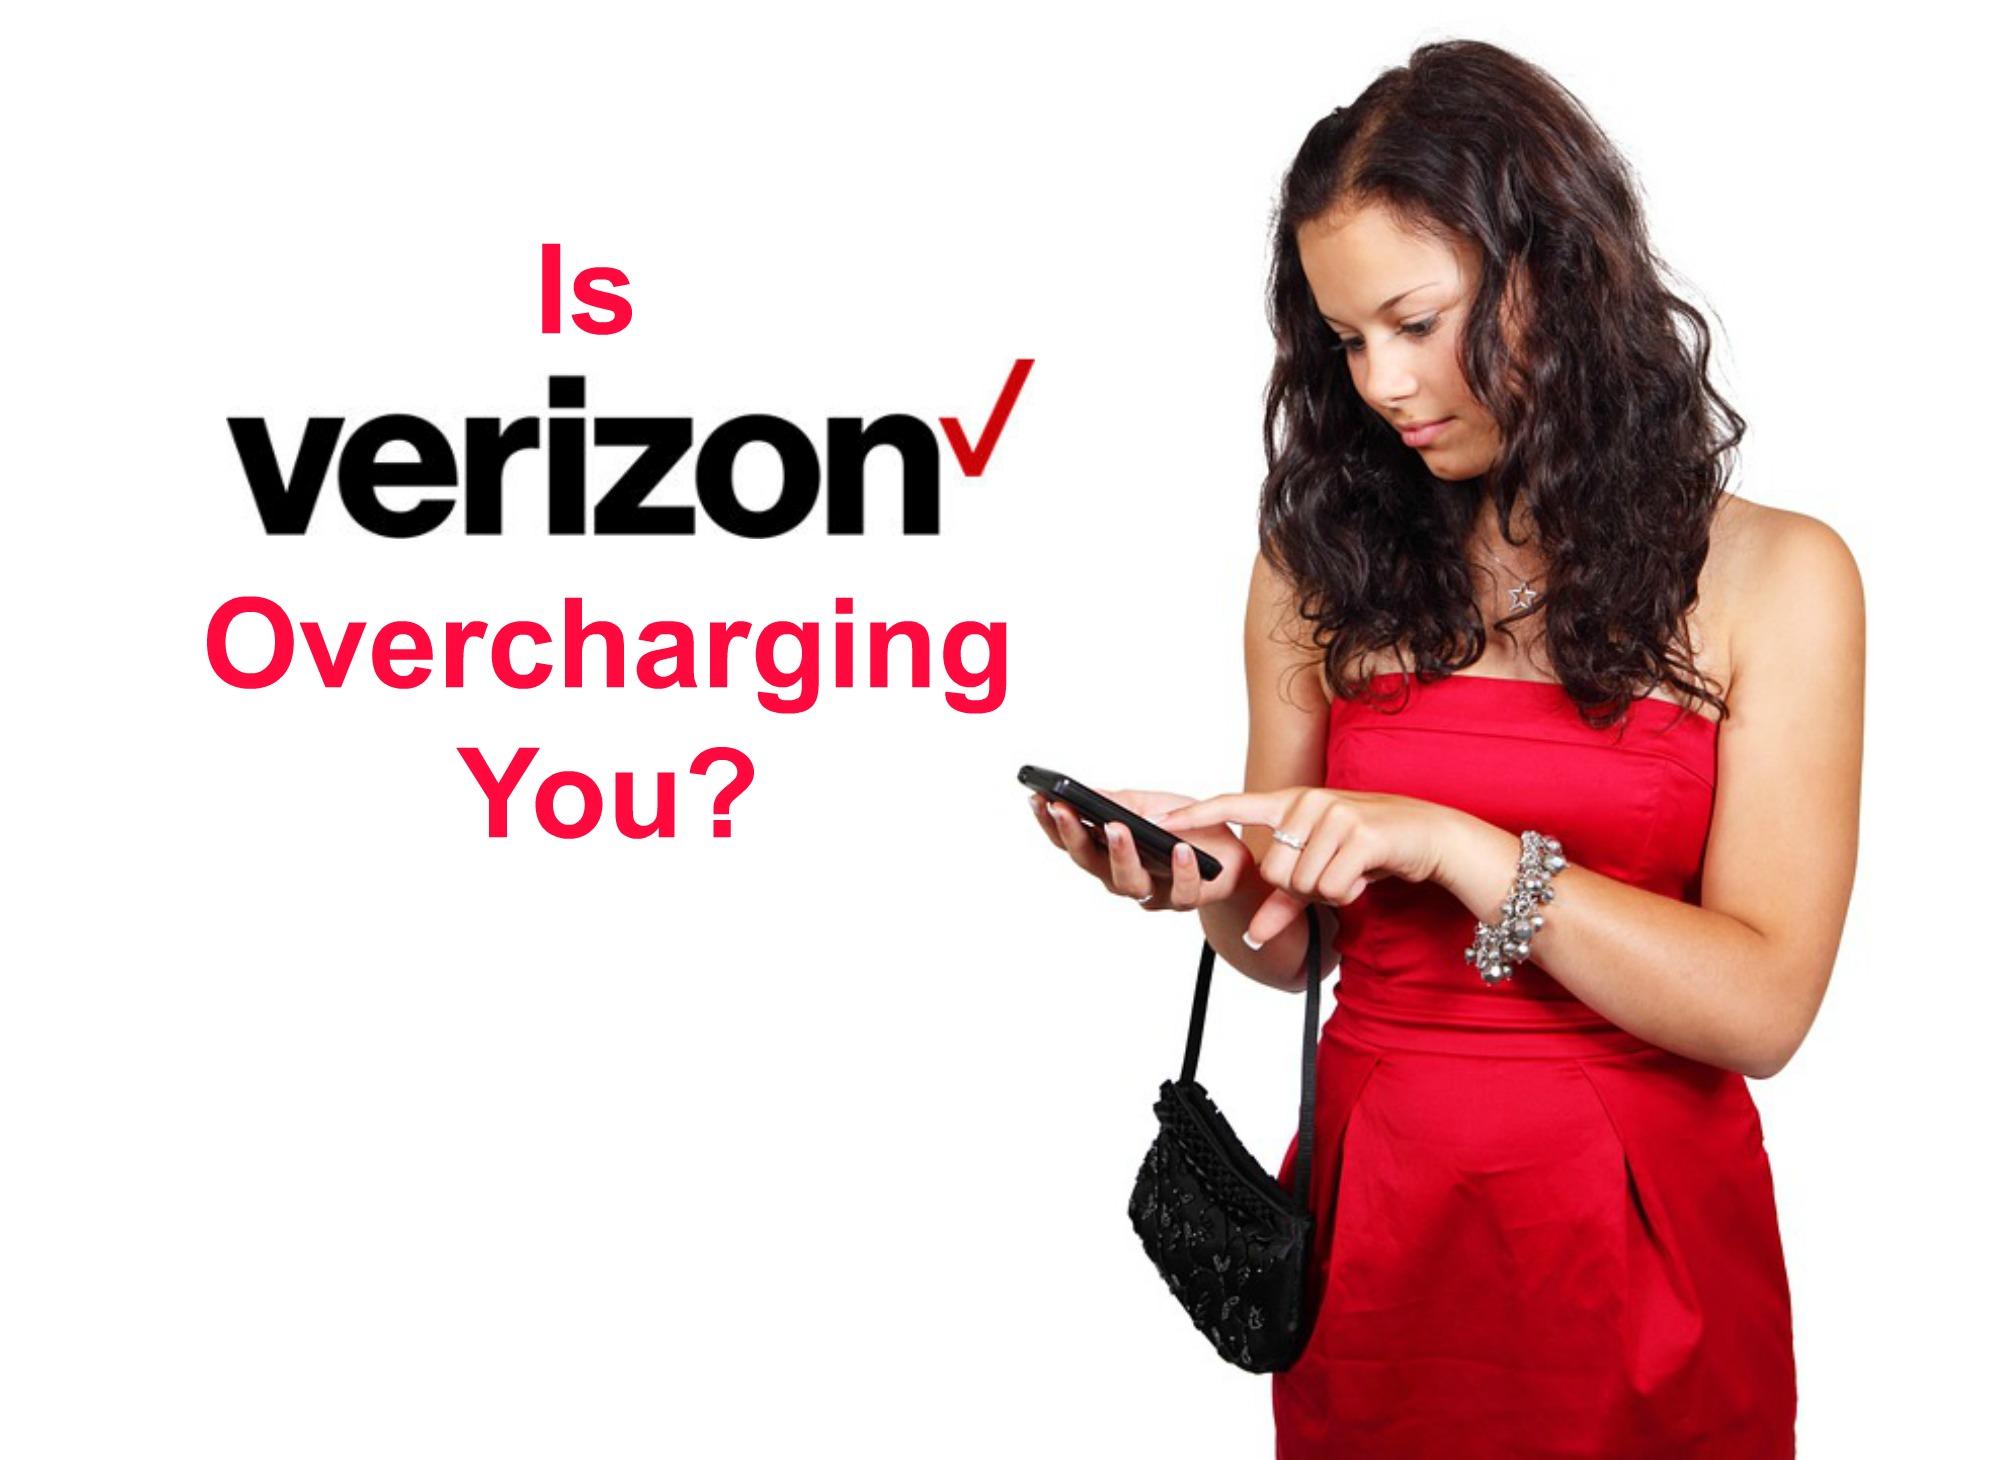 Is Verizon Overcharging You?